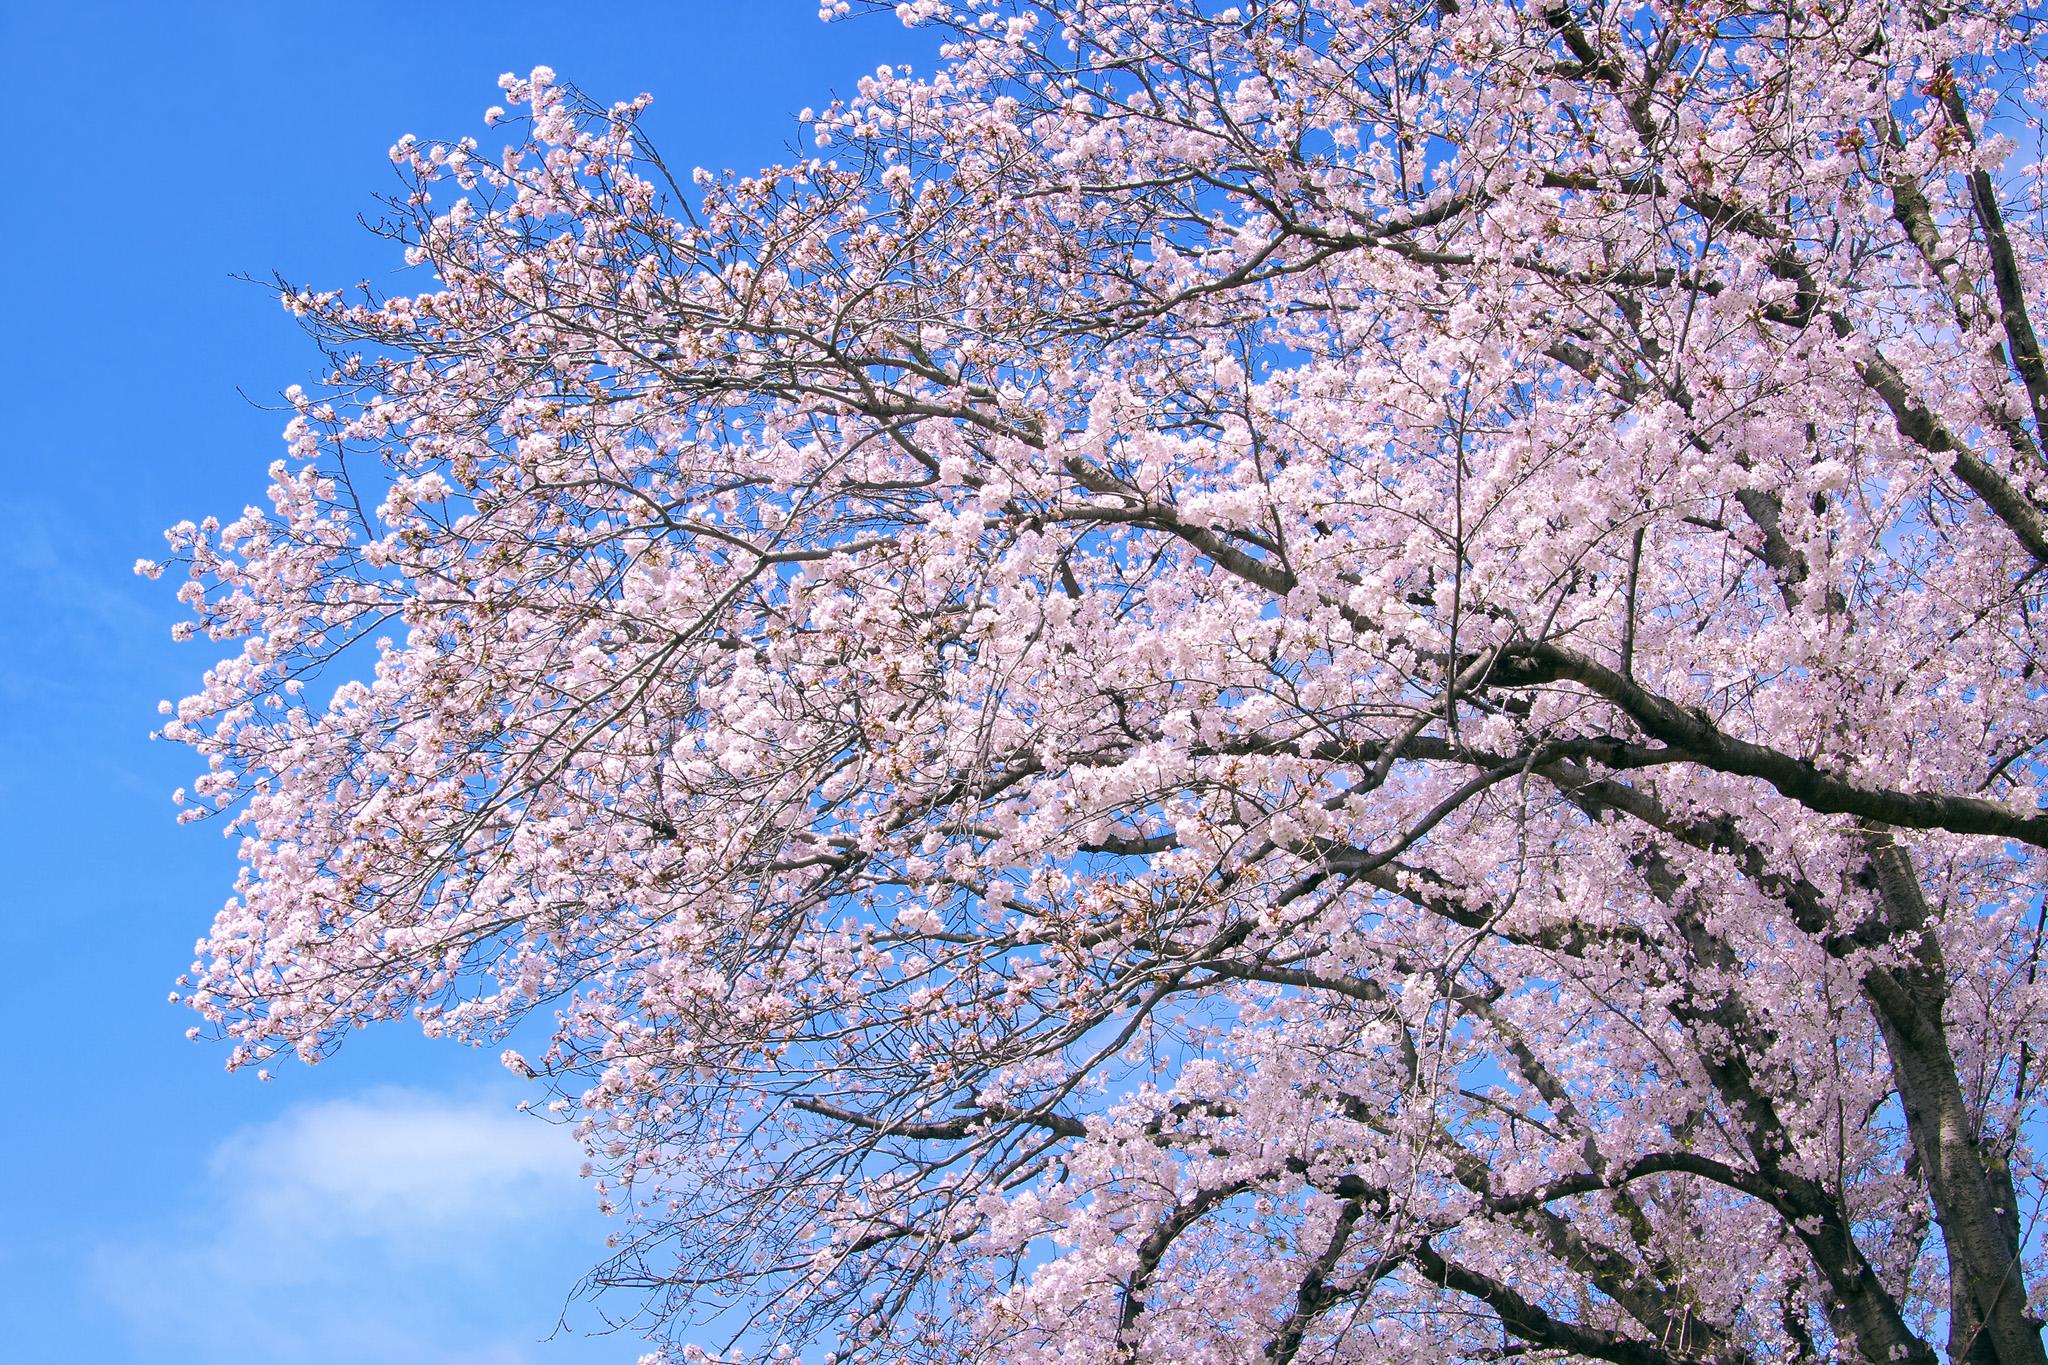 ピンクの花咲く桜の木 の画像 写真素材を無料ダウンロード 1 フリー素材 Beiz Images